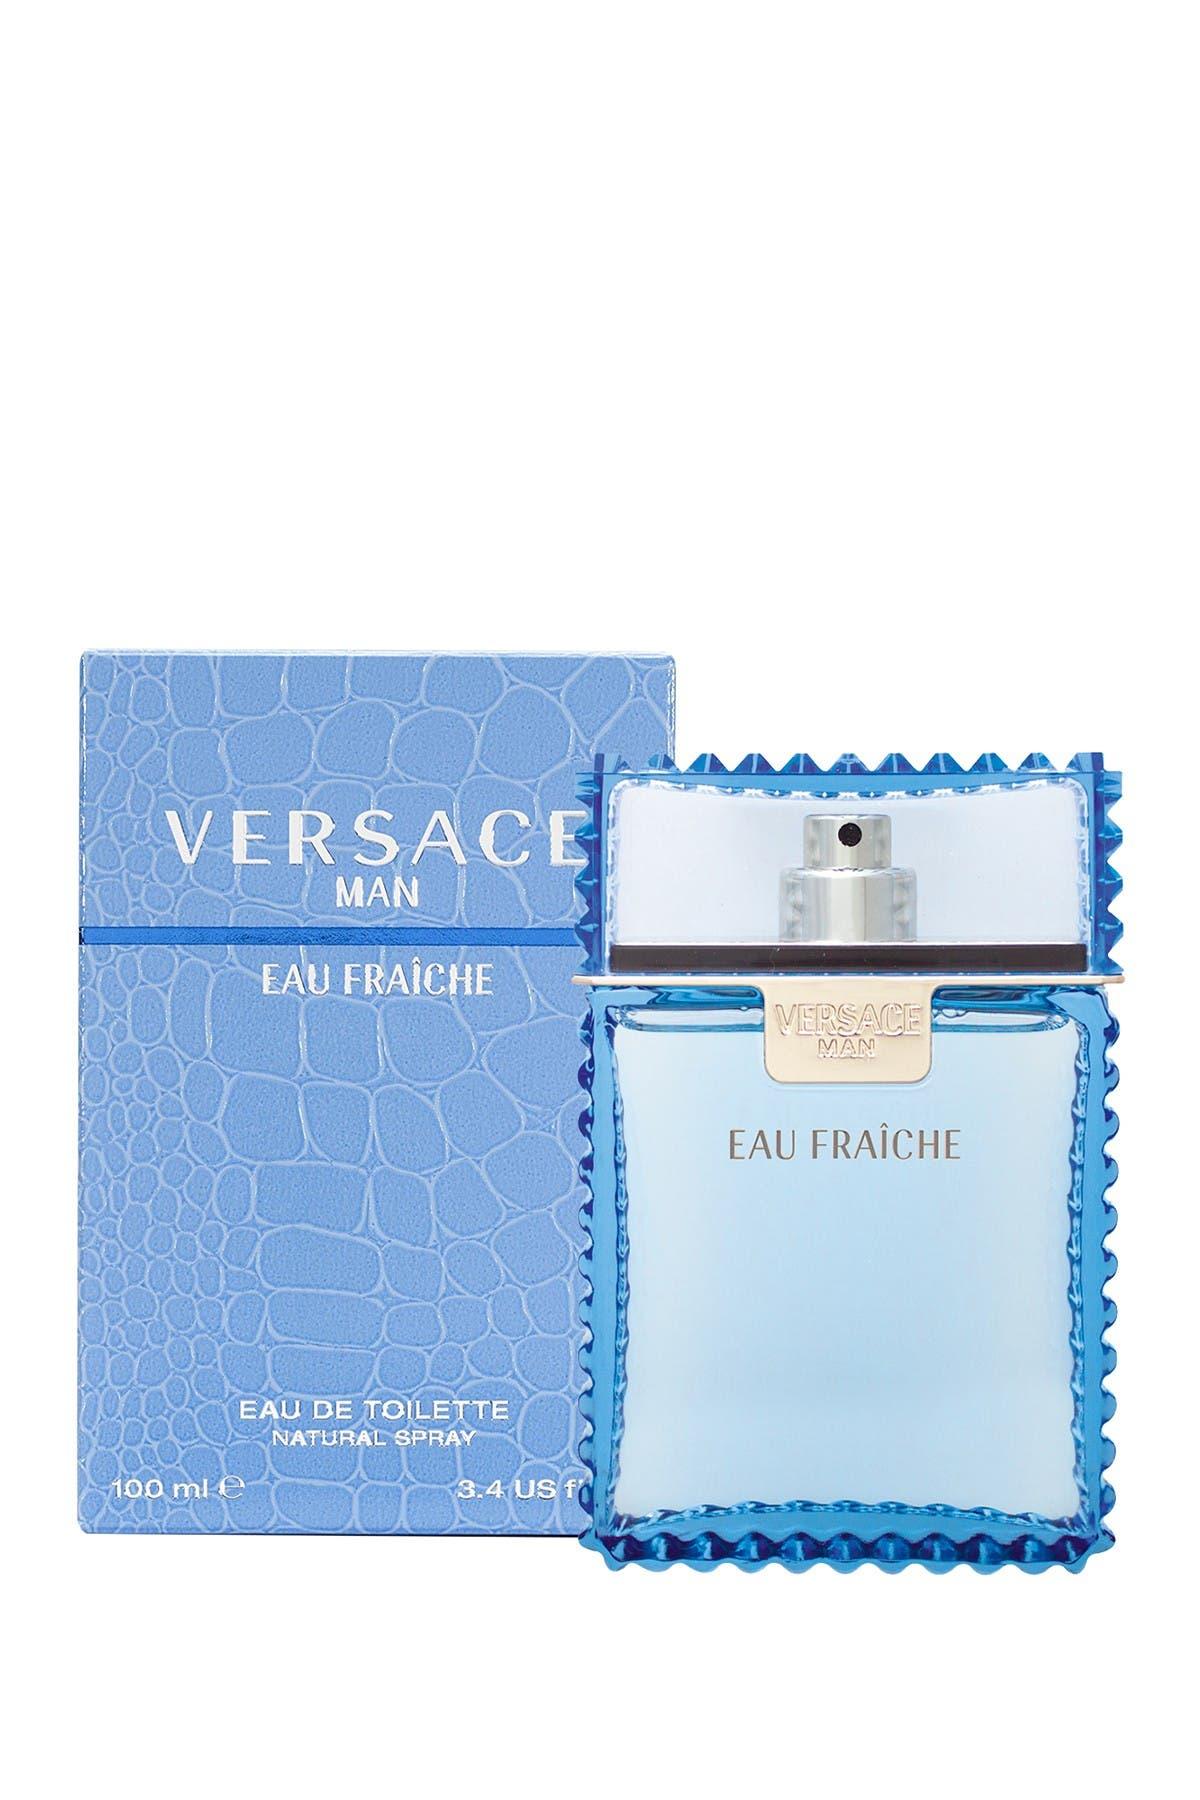 Image of Versace Eau Fraiche Eau de Toilette Spray - 3.4 oz.